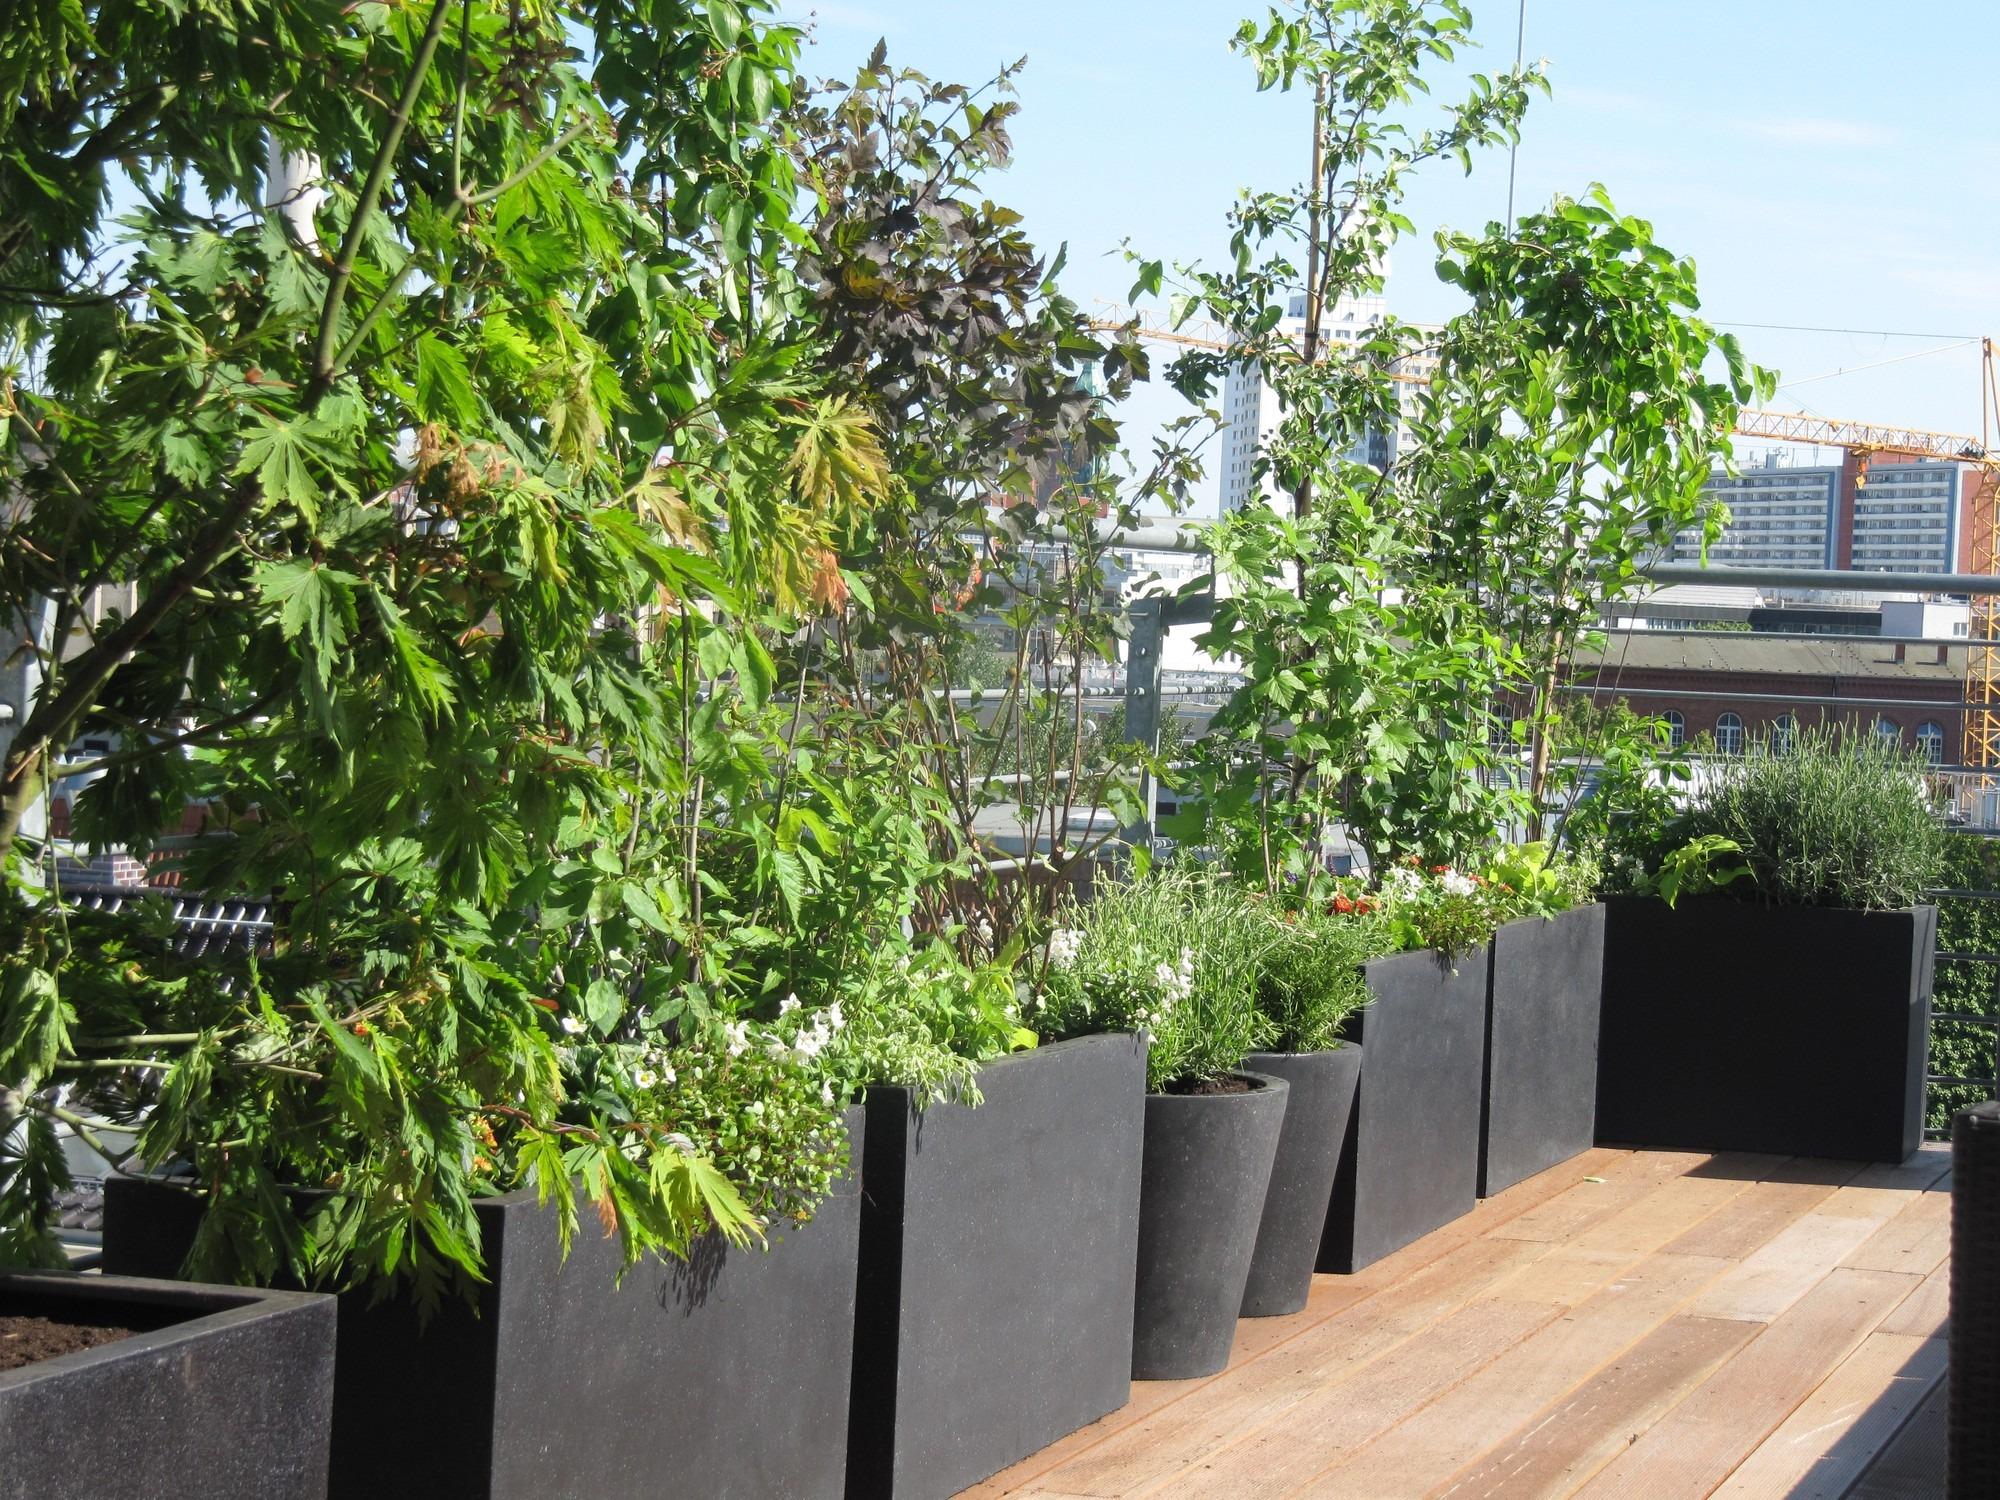 Ideen für Dachterrassengestaltung mit Pflanzen in Berlin, Sichtschutzbepflanzung